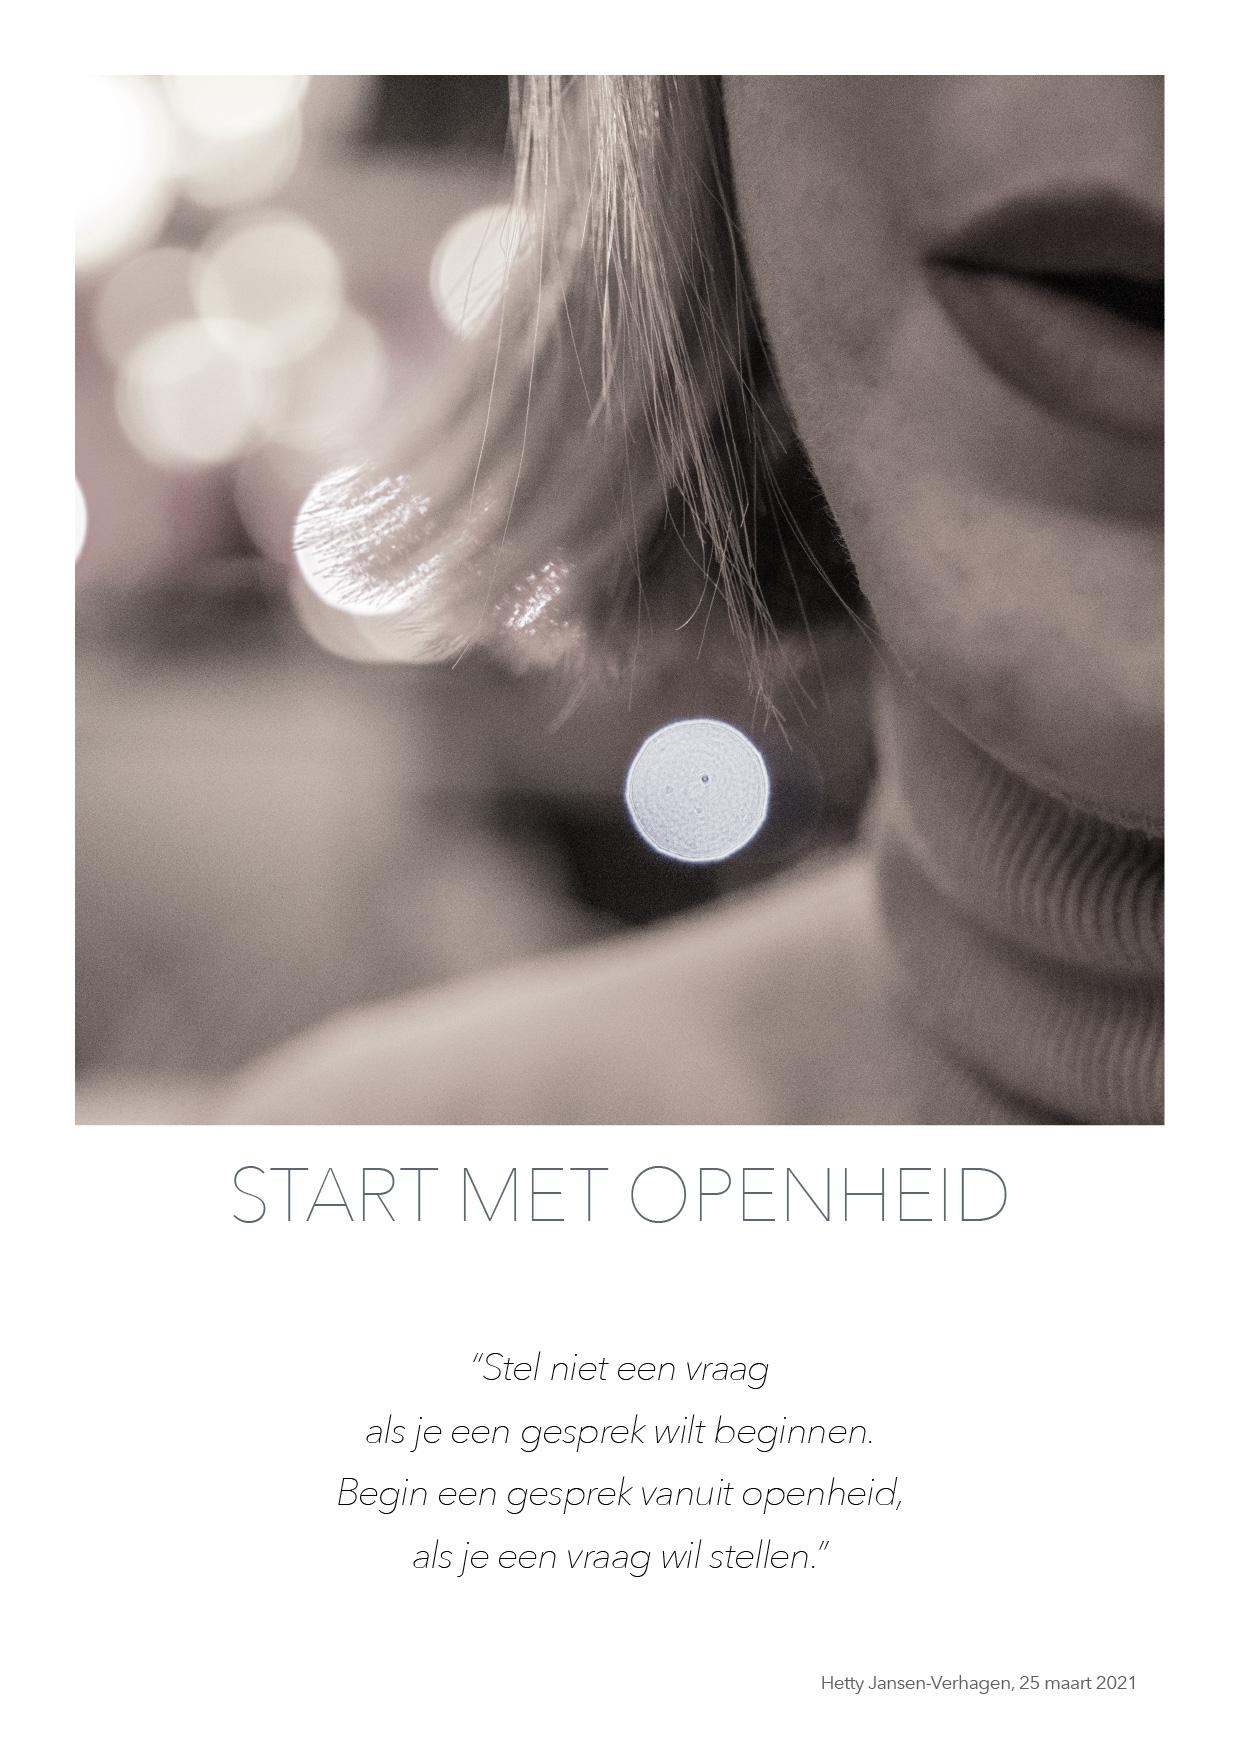 Start met openheid - quote HJTC